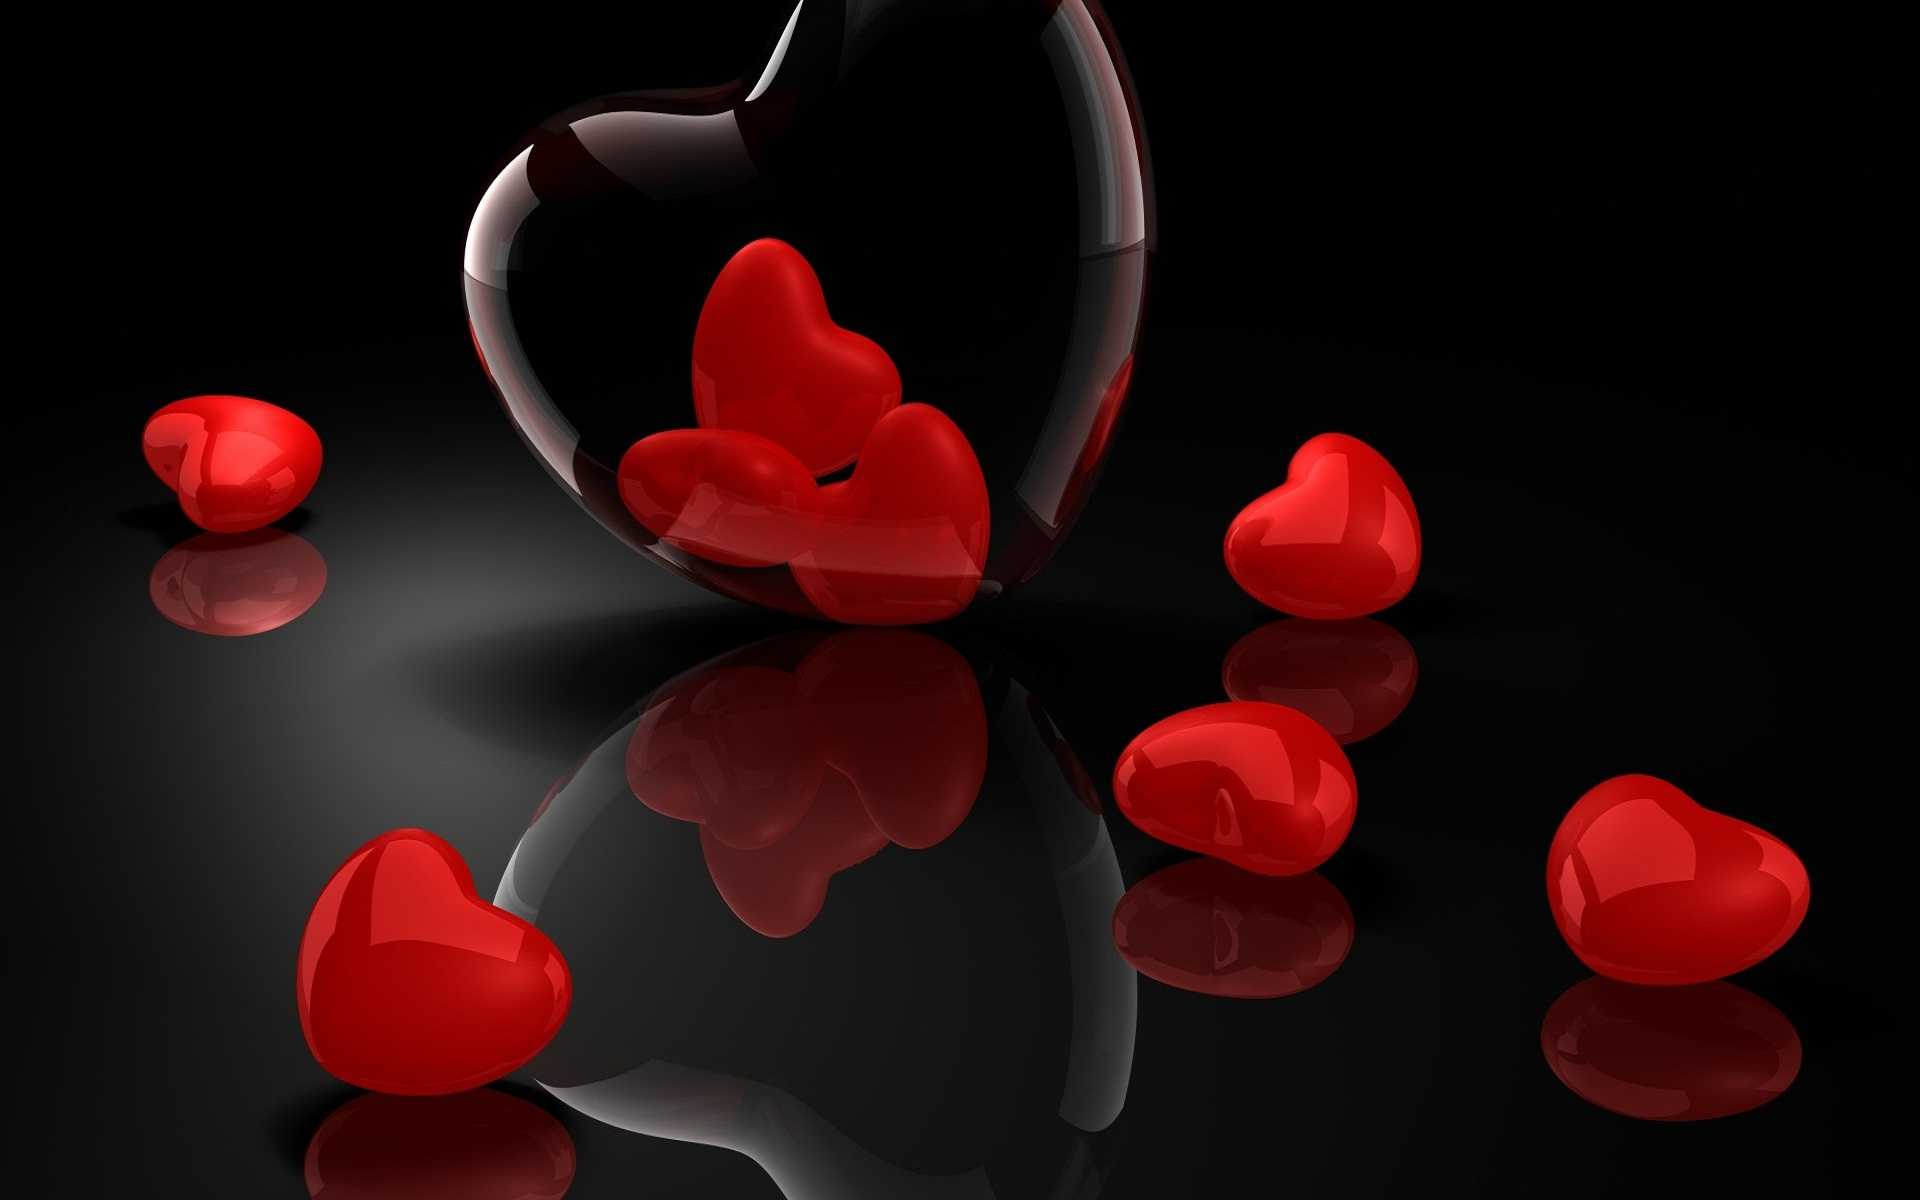 3d Love Images Full Hd Wallpaper Hd Images 3d Love - Love Full Screen Wallpaper Hd - HD Wallpaper